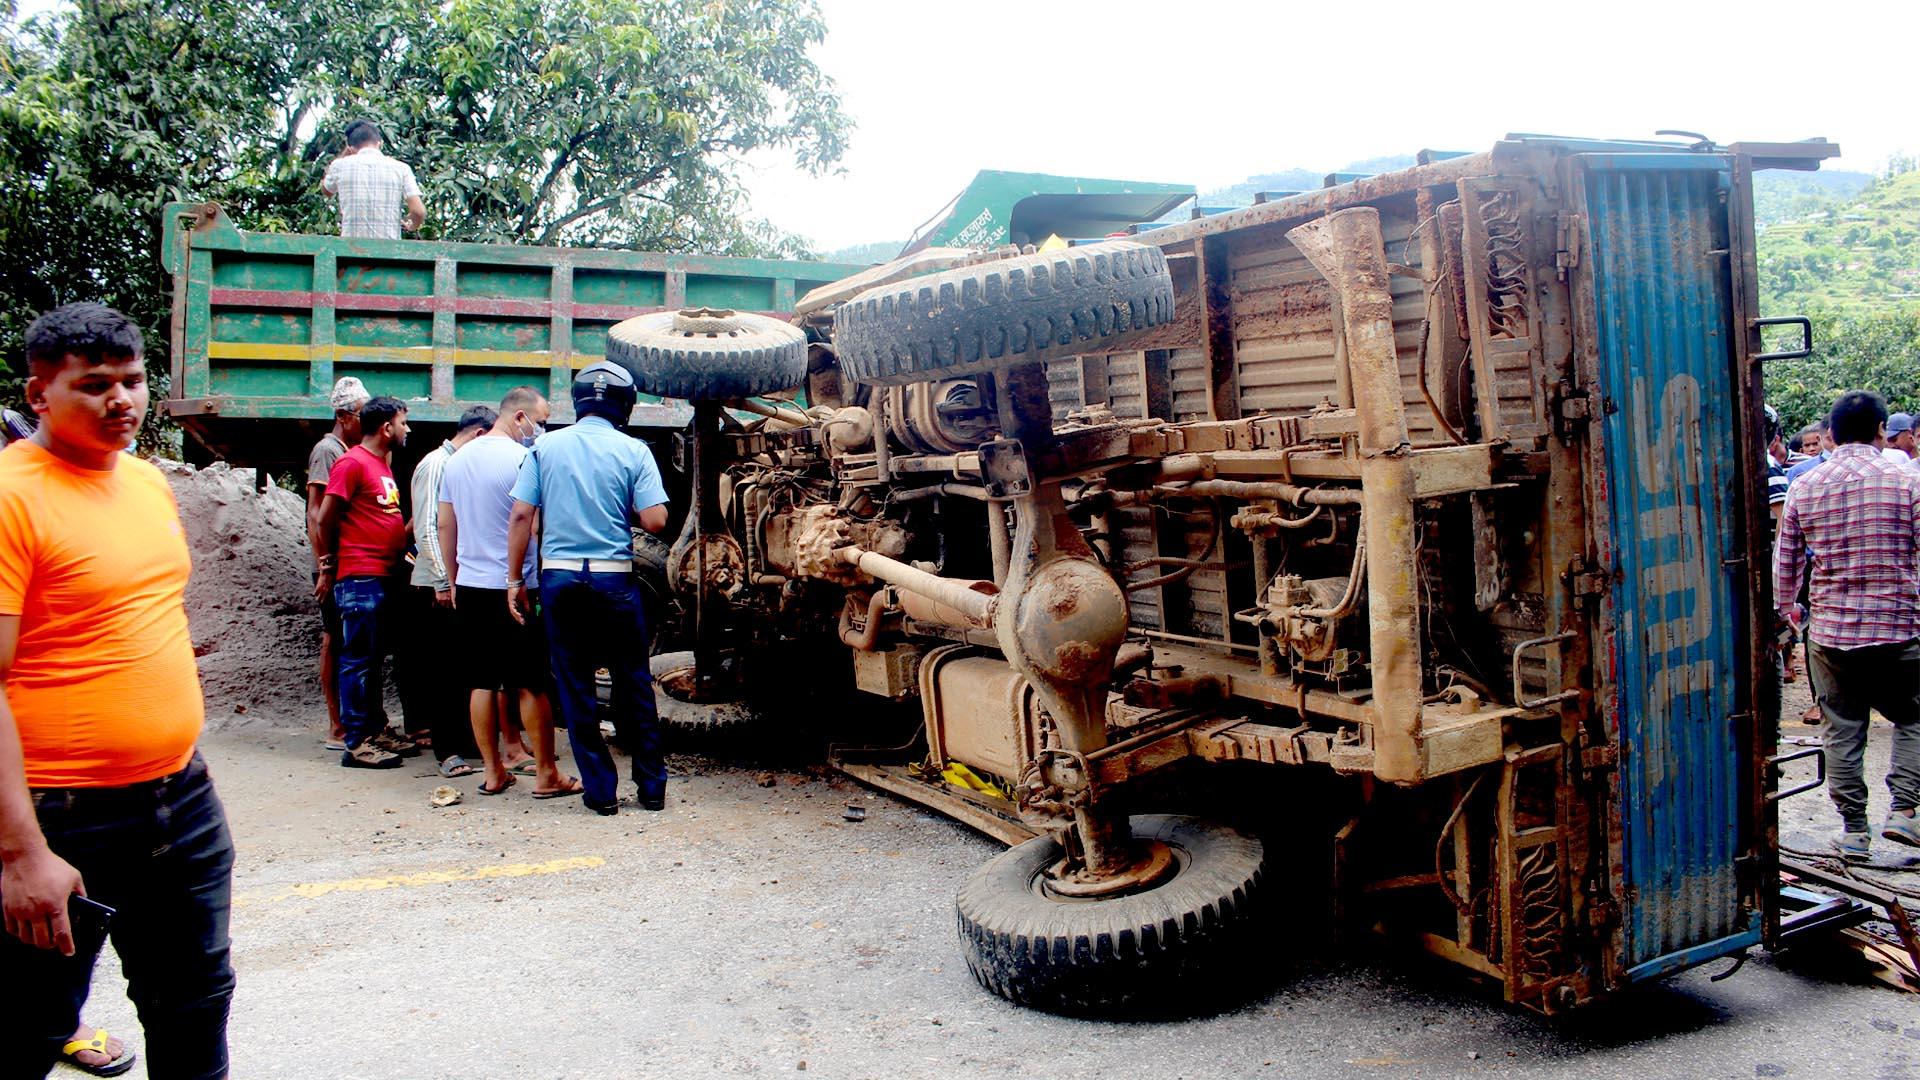 धादिङमा ट्रक दुर्घटनाः३५ जना घाईते,गम्भीर घाइतेलाई हेलिकप्टरबाट काठमाडौँ लगियो (घाइतेको नामावली सहित)